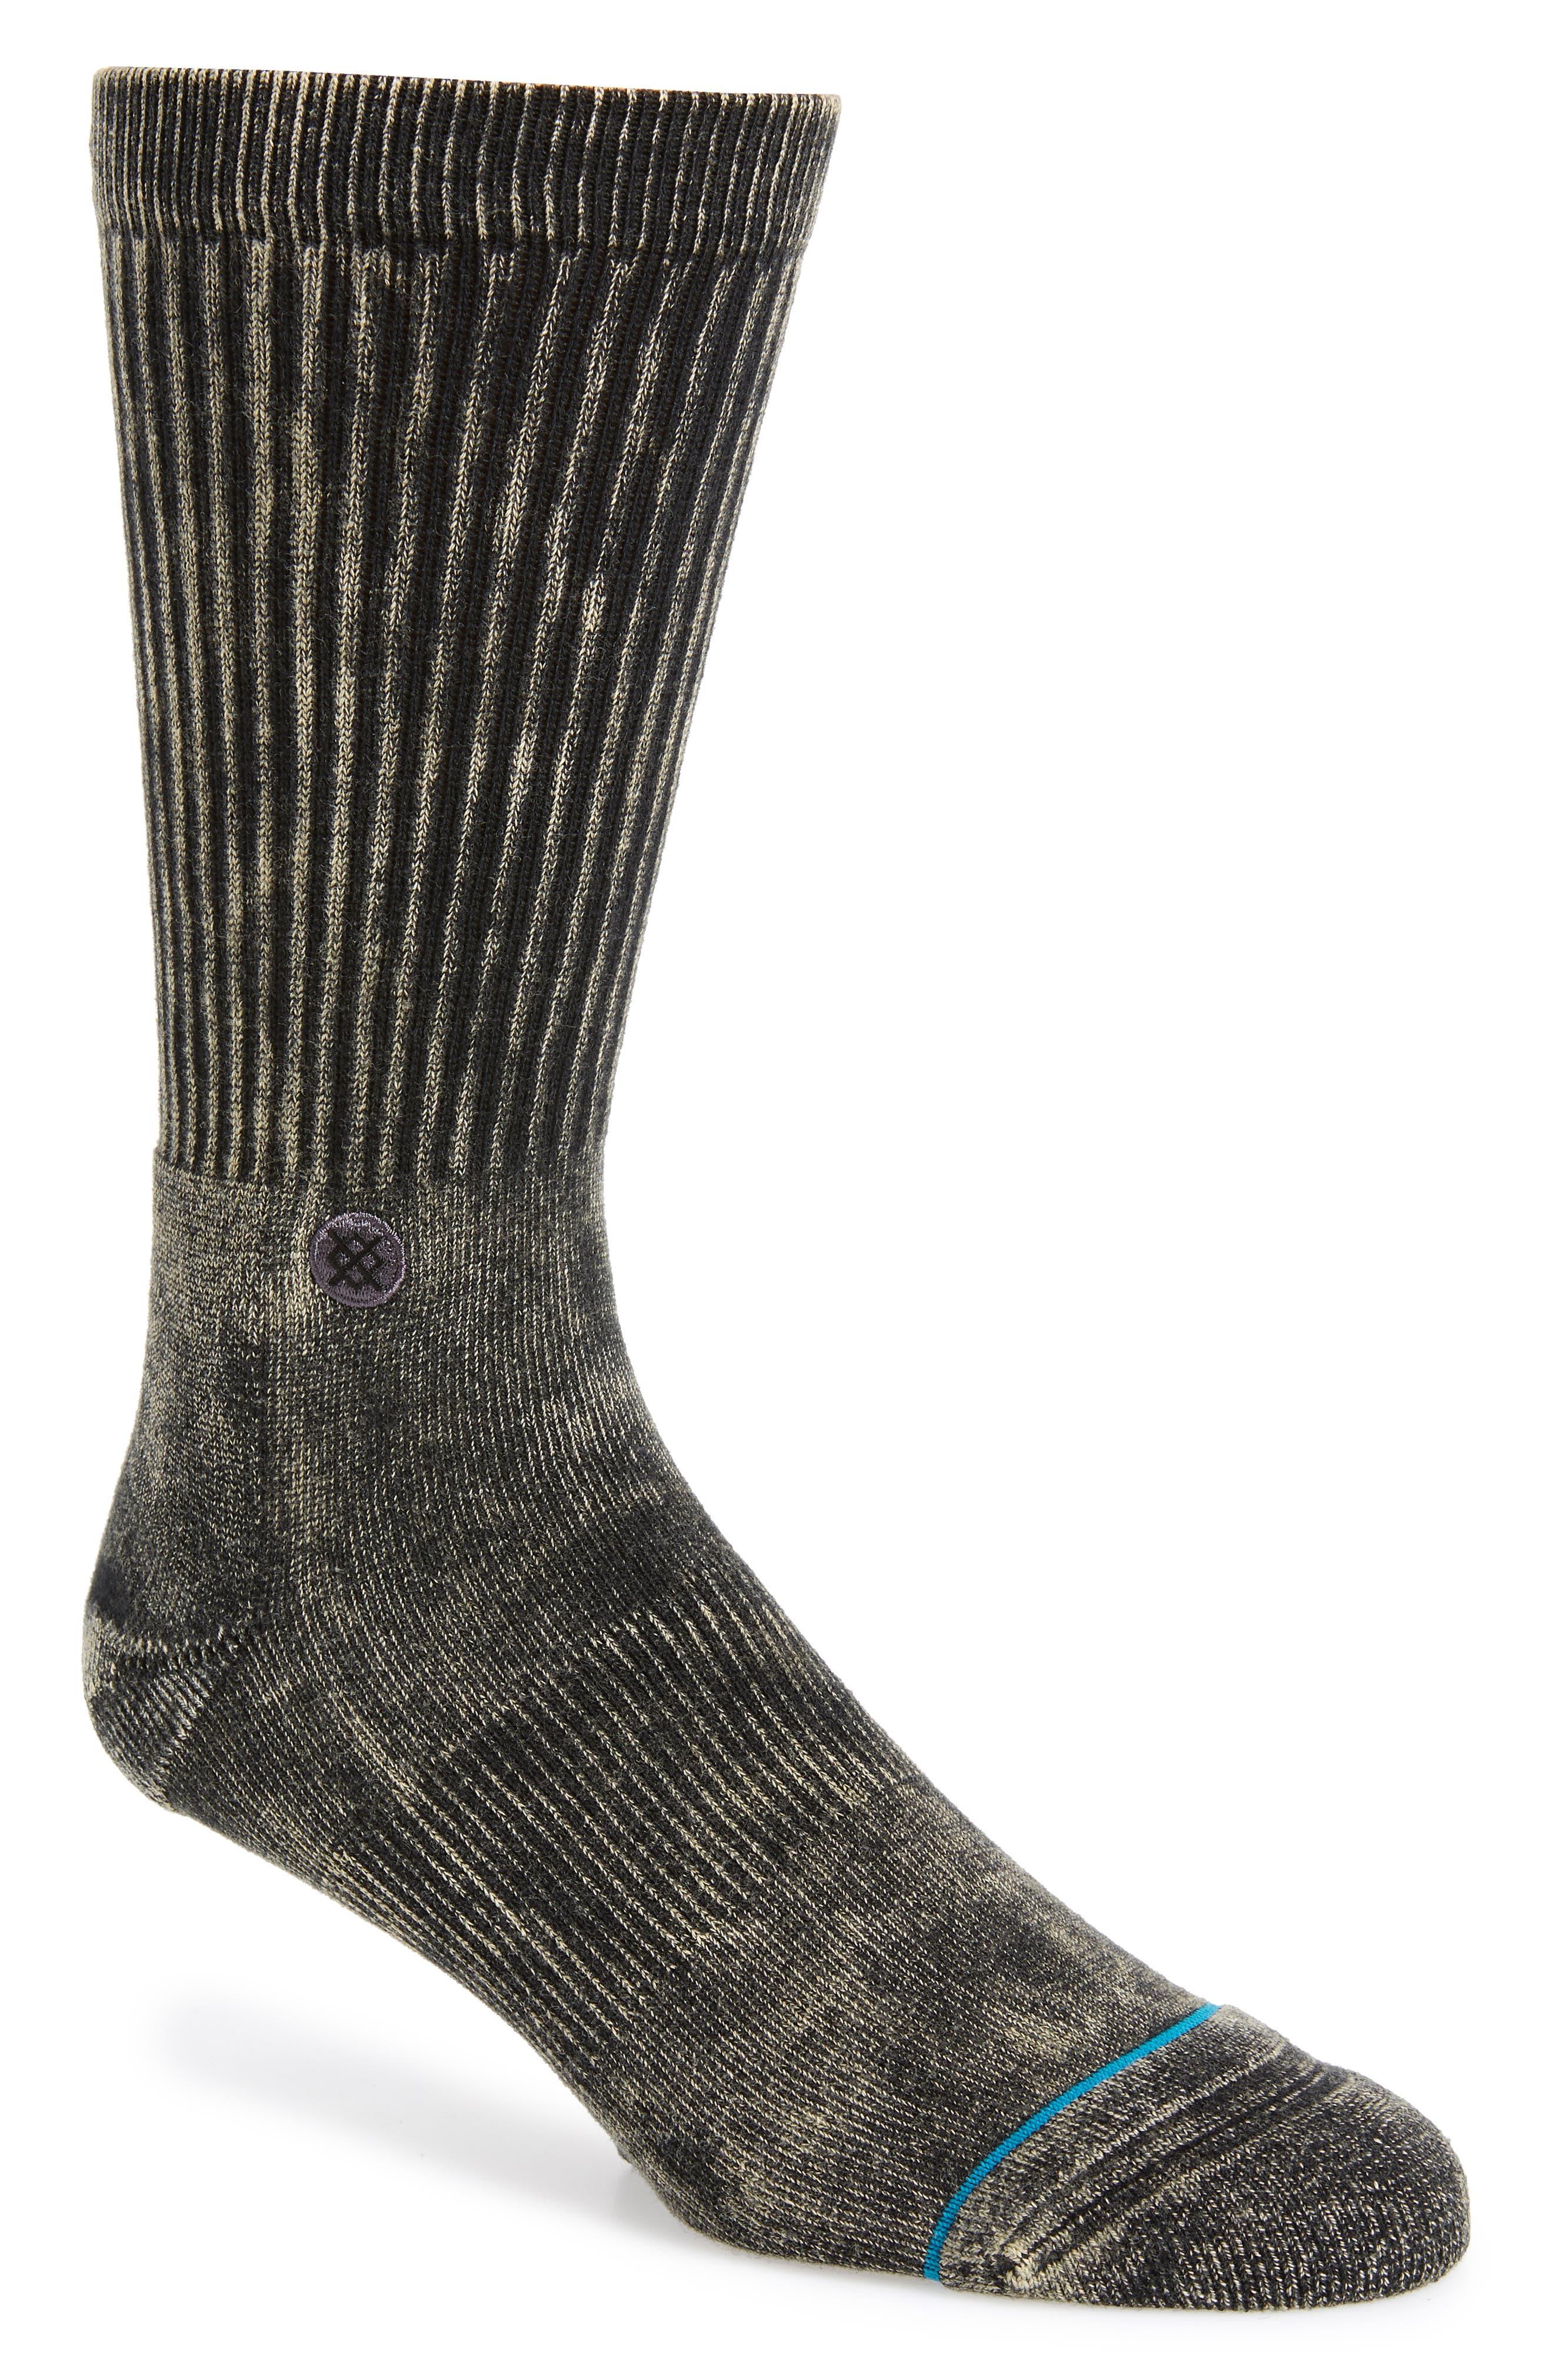 OG 2 Socks,                             Main thumbnail 1, color,                             BLACK